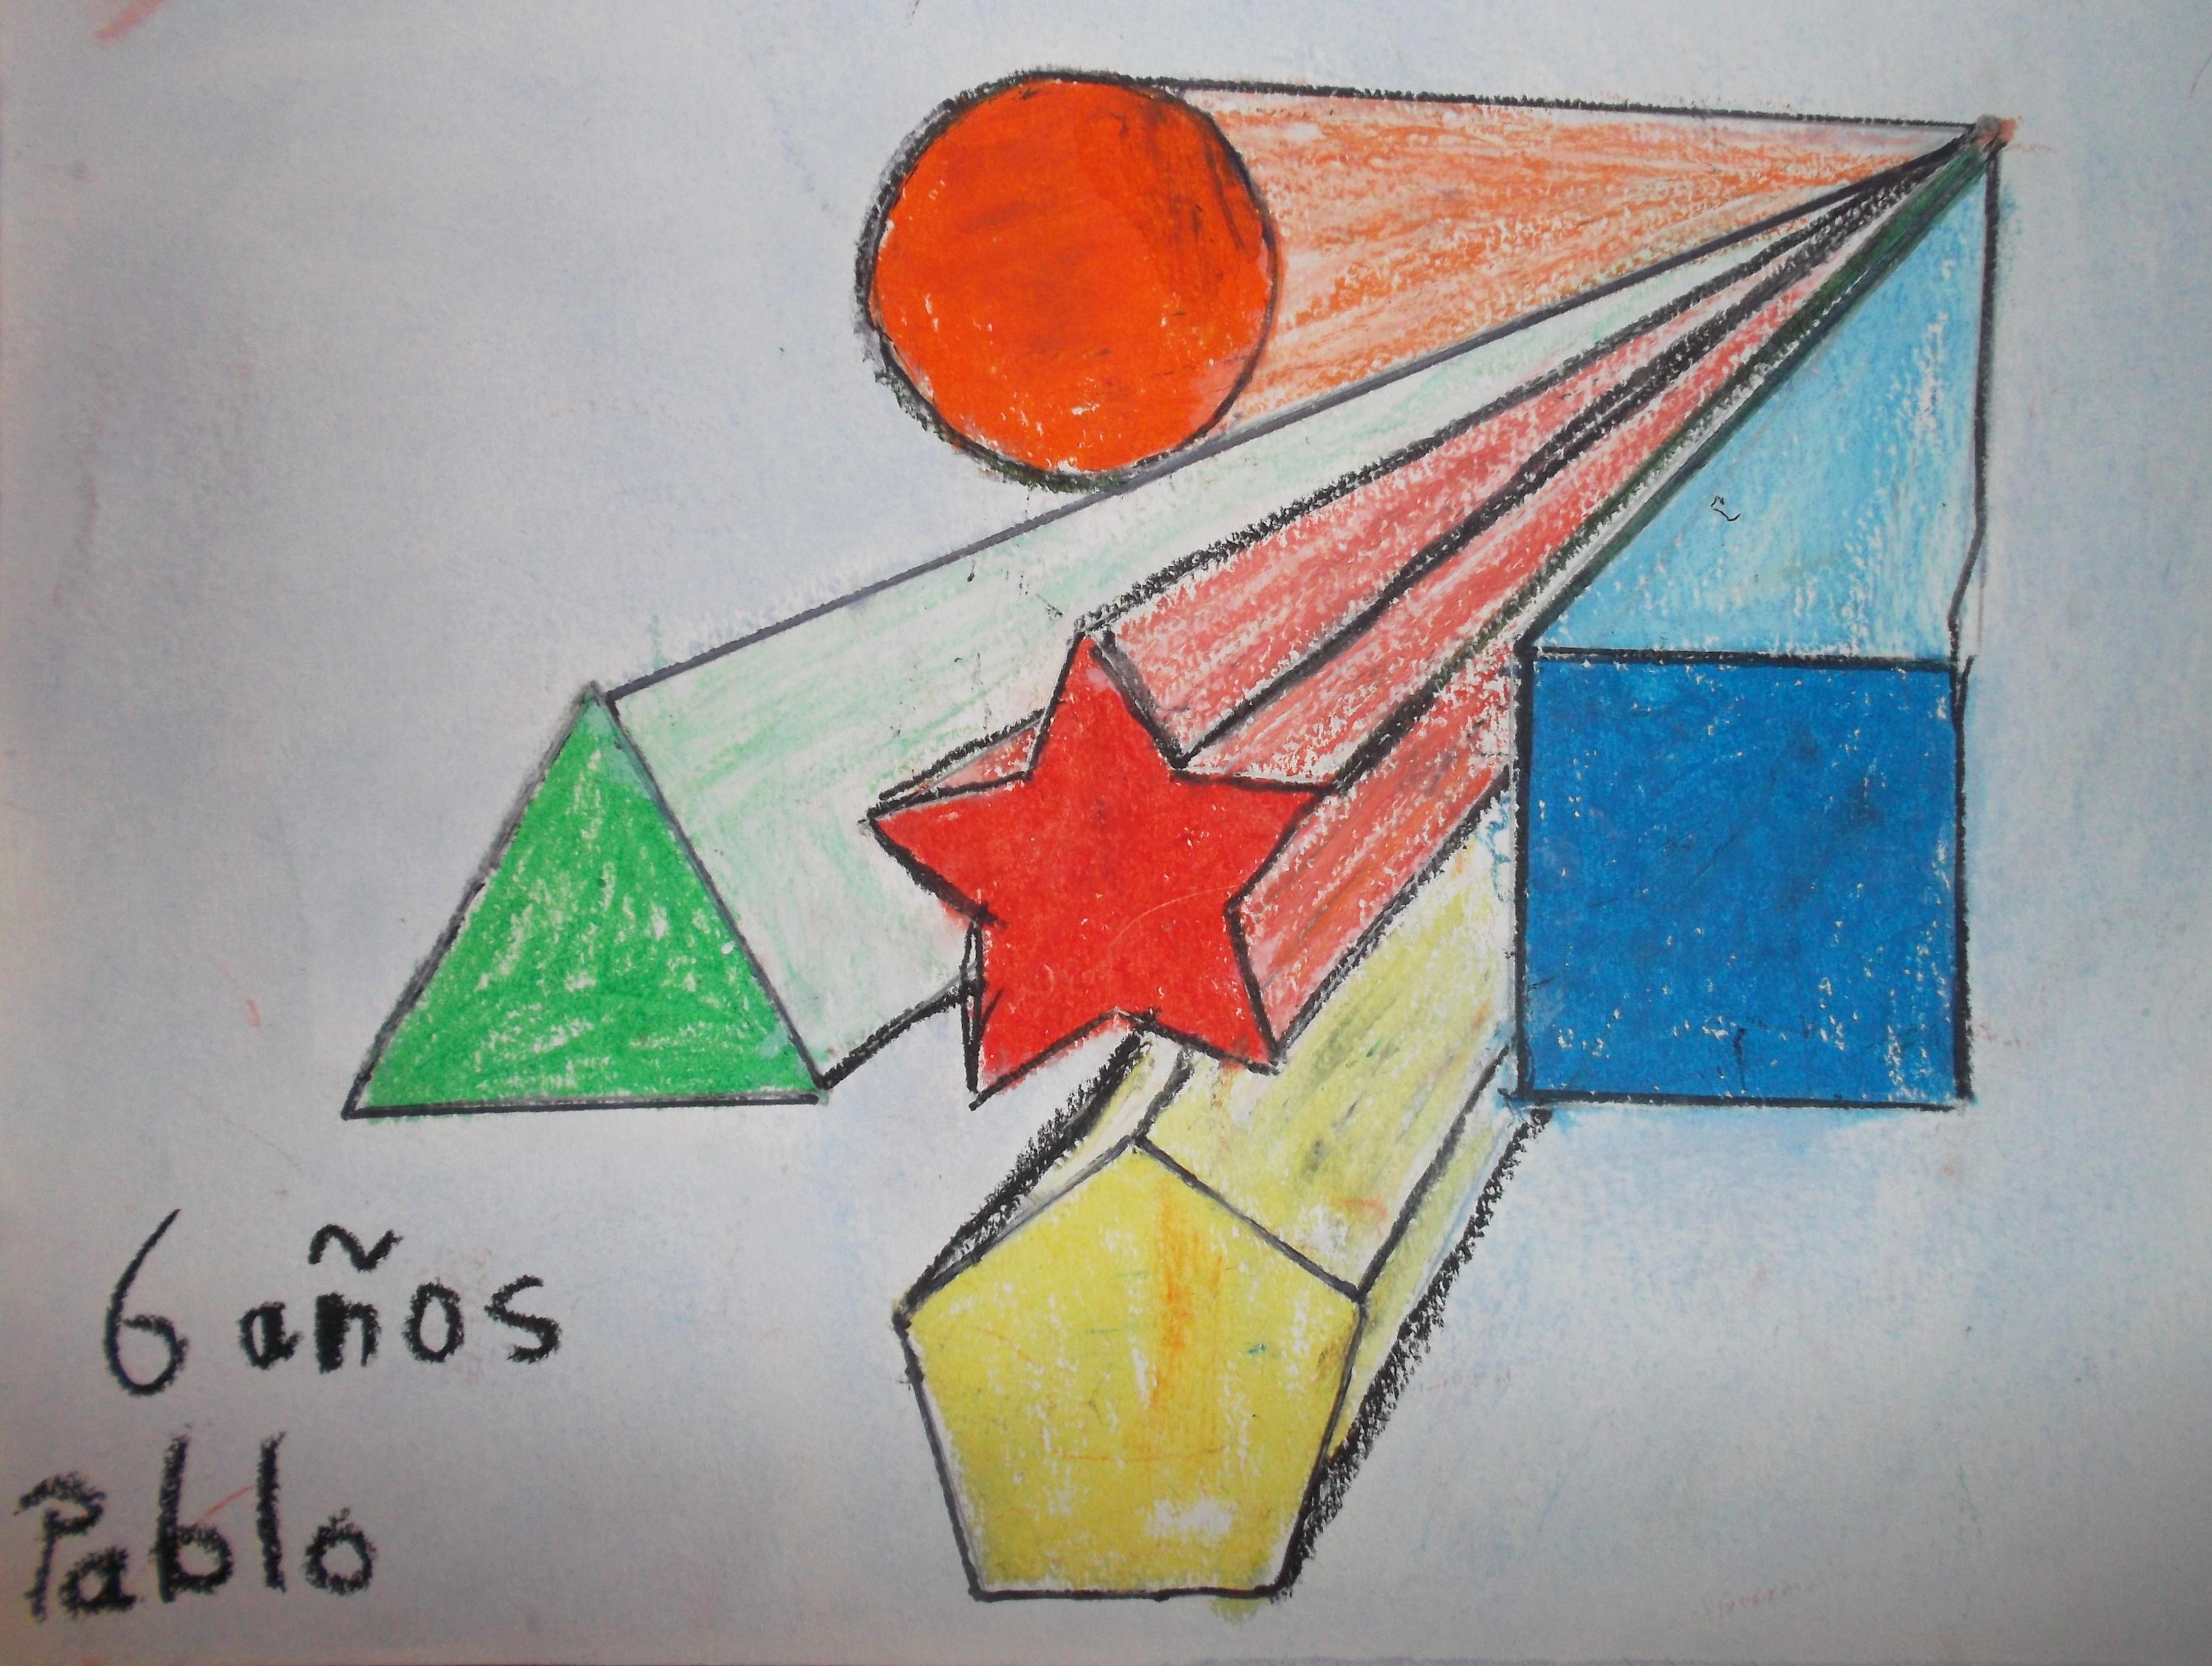 Fugar figuras geom tricas vivimos el arte en el estudio for Cuadros con formas geometricas